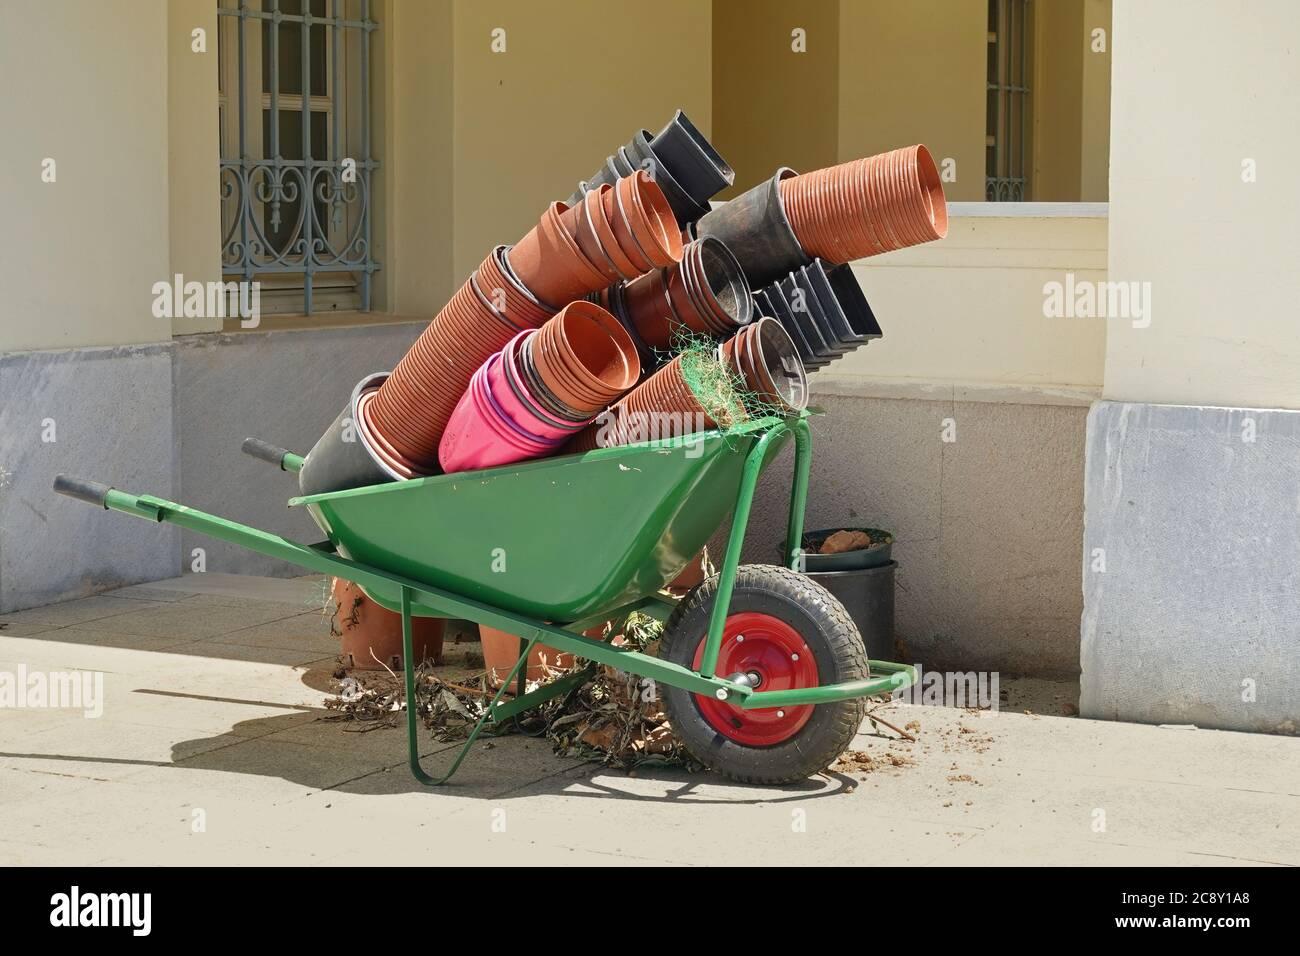 Carrello da giardino con vasi di fiori vuoti. Attrezzatura da giardinaggio. Foto Stock